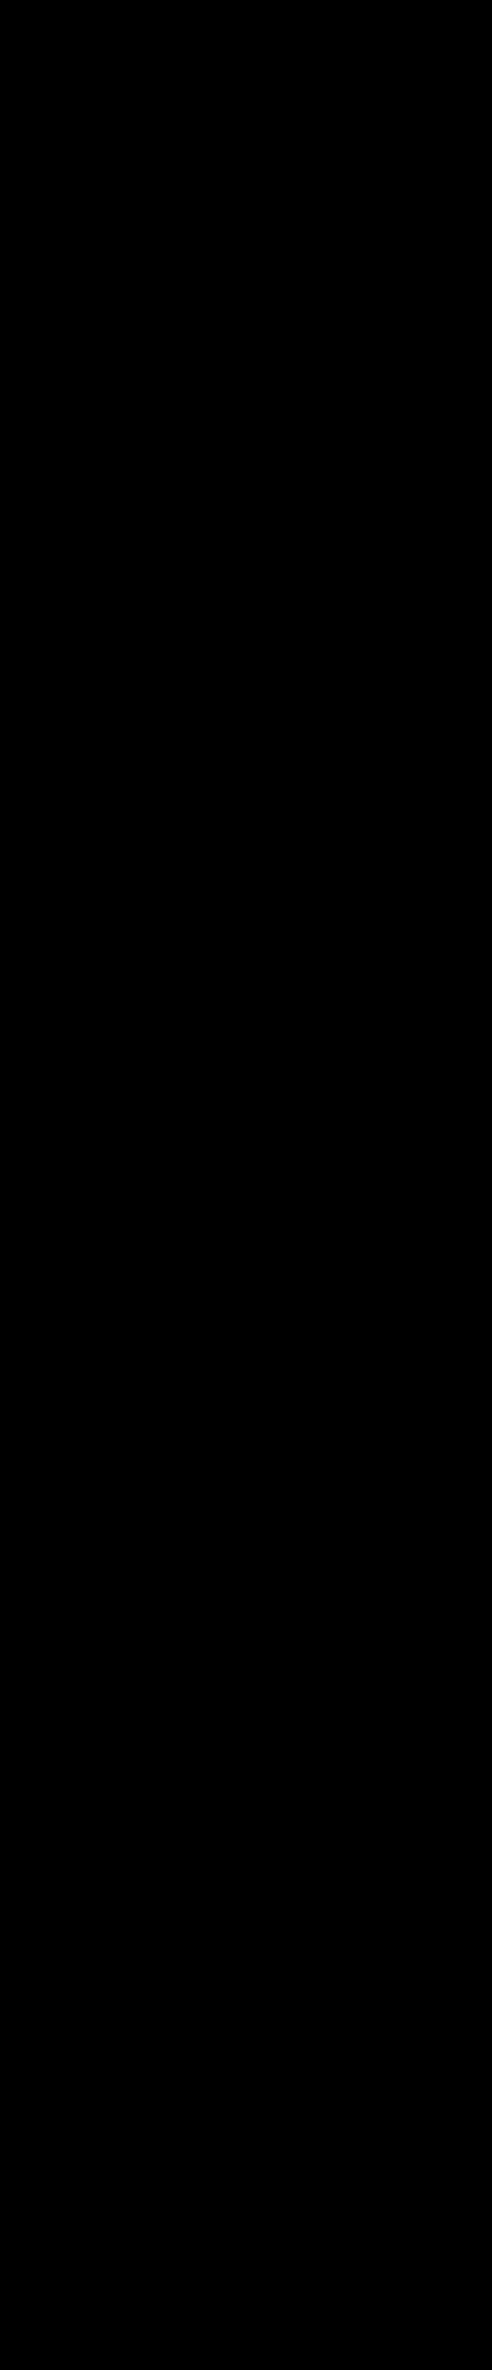 คอร์ดกีตาร์ ง่าย คอร์ดกีต้าร์มือใหม่ เพลง มหาจำลอง รุ่น 7